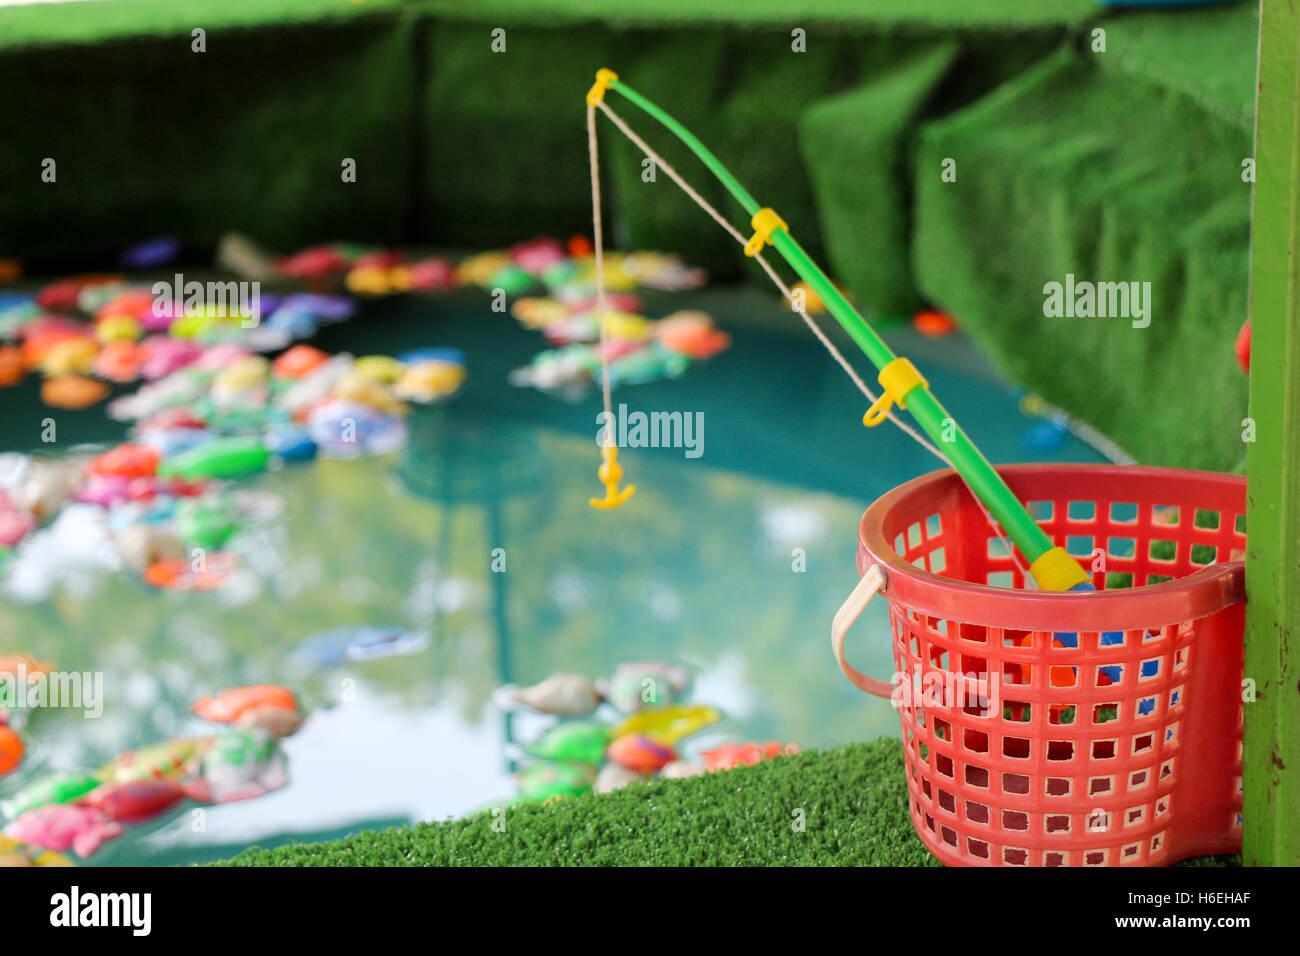 Aquarium toy stockfotos aquarium toy bilder seite 2 for Aquarium fische im teich